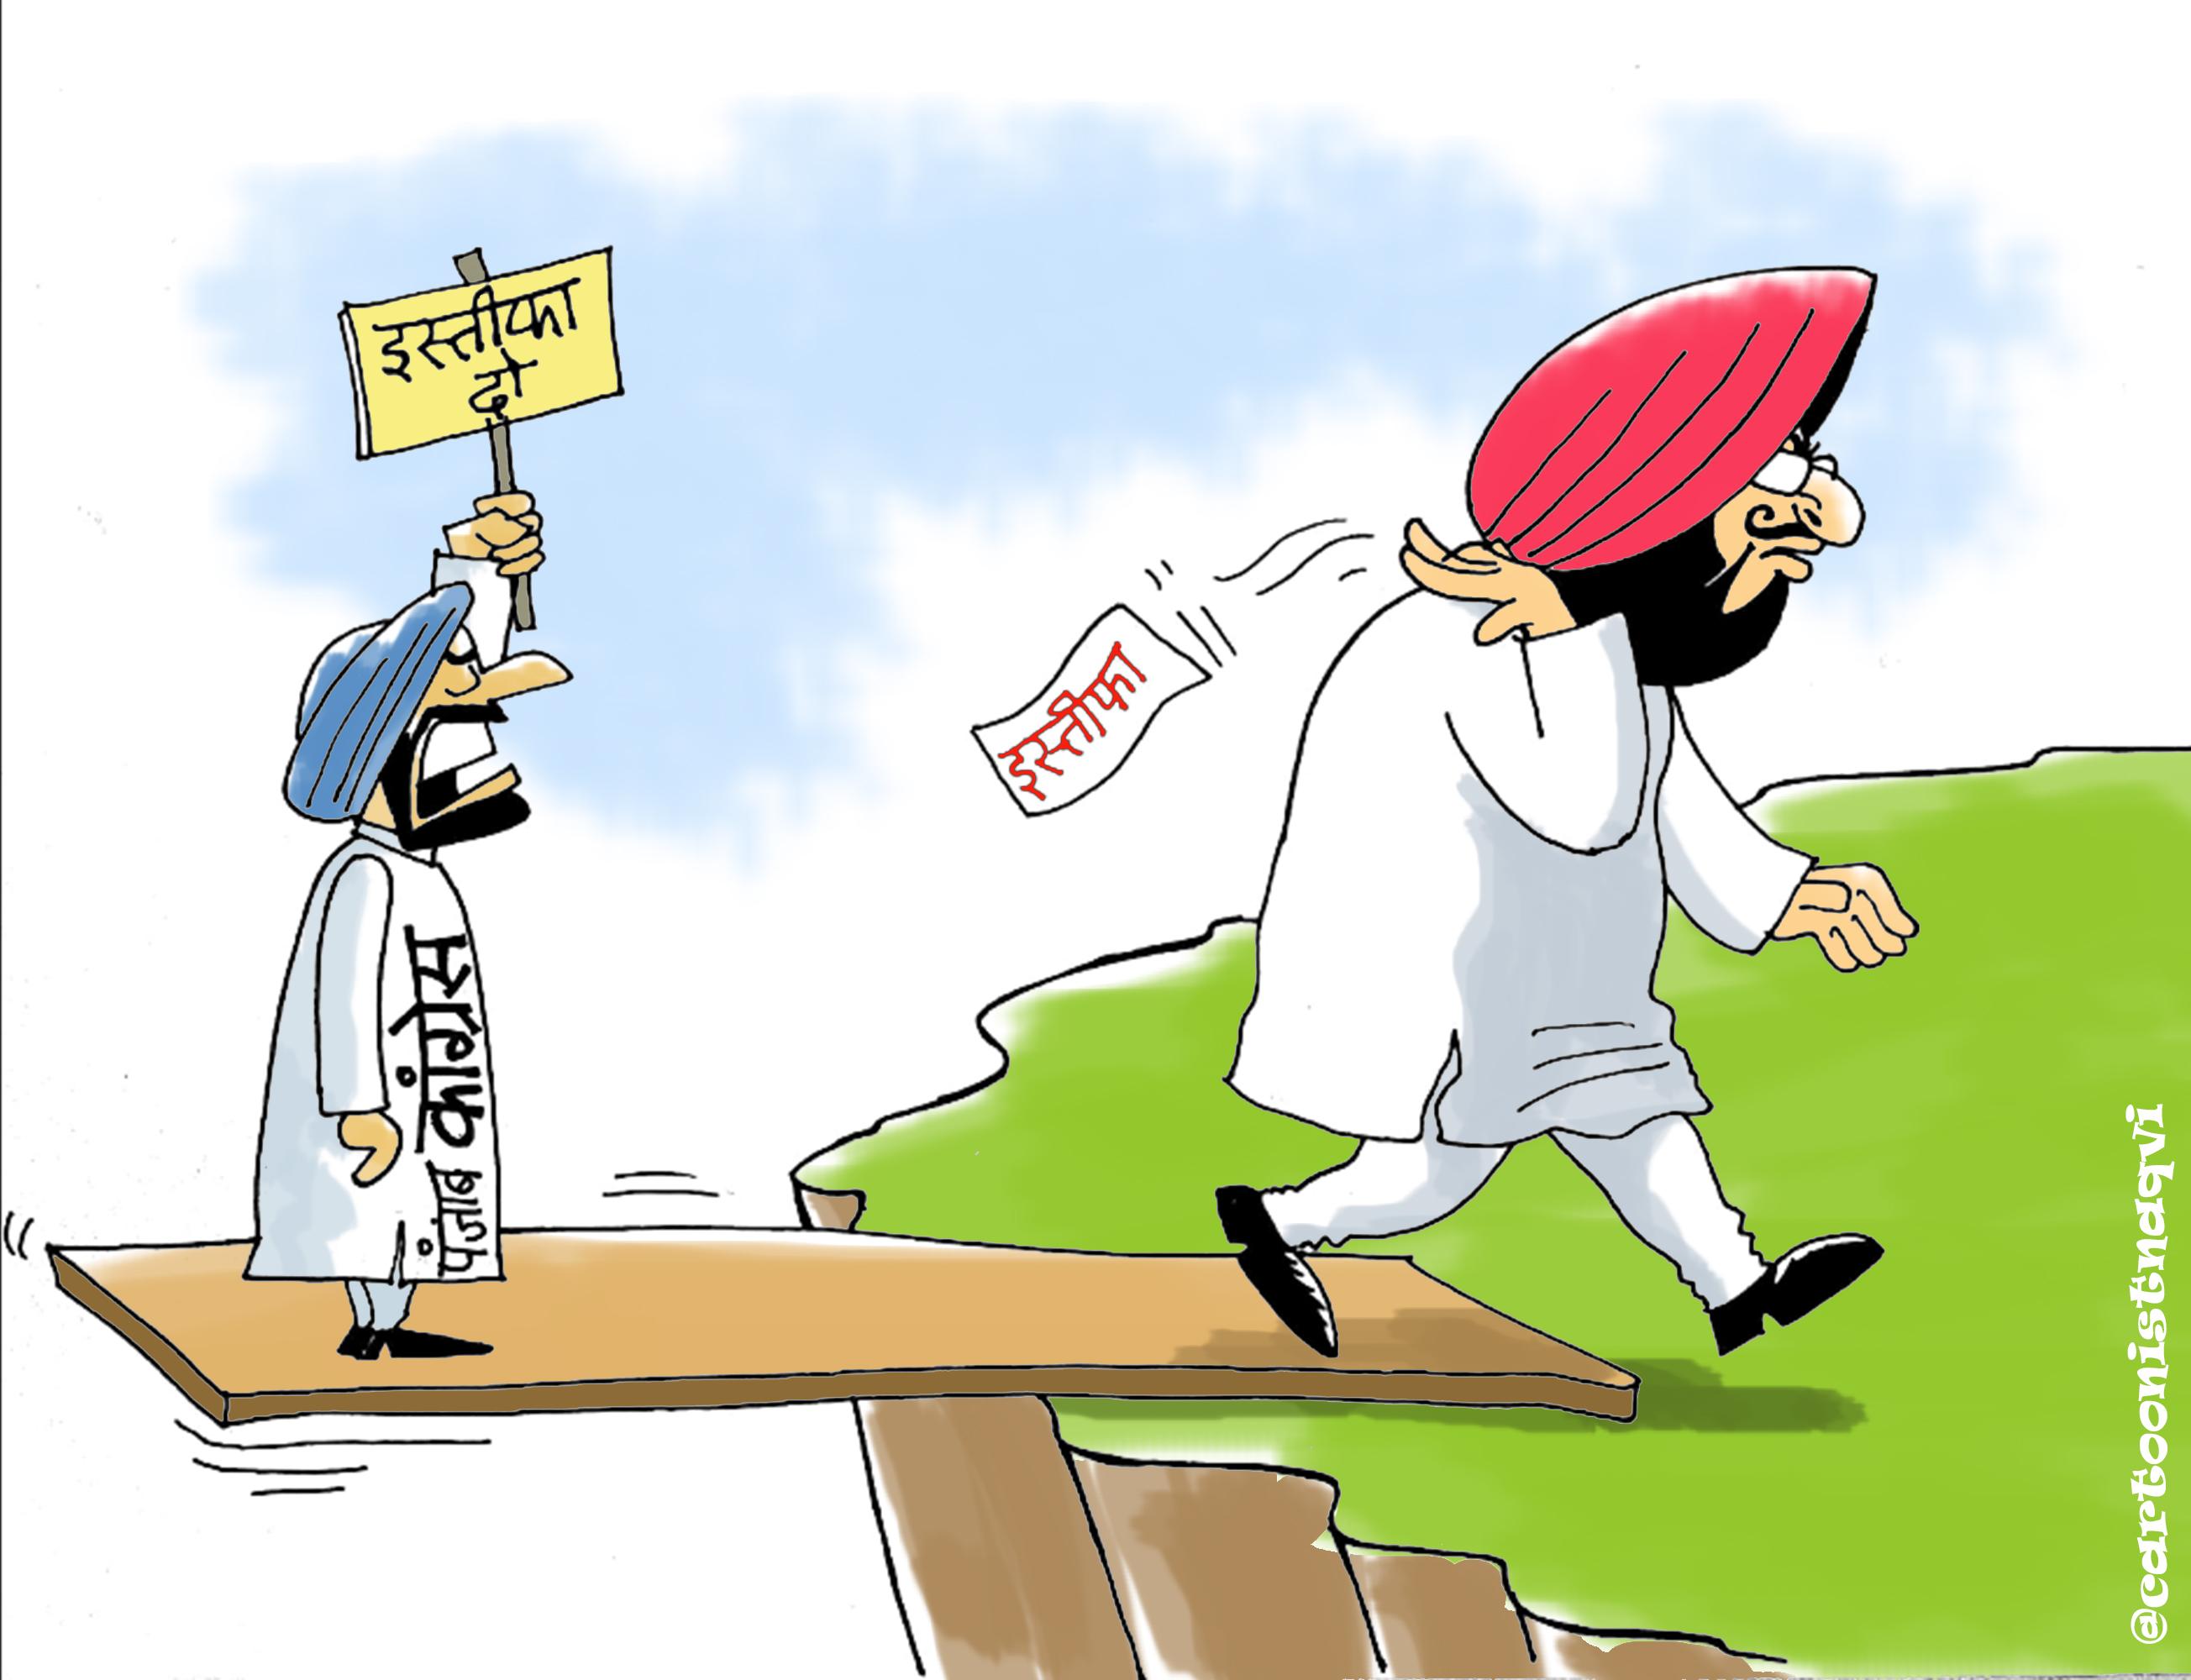 भाजपा ने 5 CM बदल डाले, कुछ नहीं हुआ; पंजाब में ऐसी कोशिश कर रही कांग्रेस के सामने नाक बचाने की चुनौती|देश,National - Dainik Bhaskar